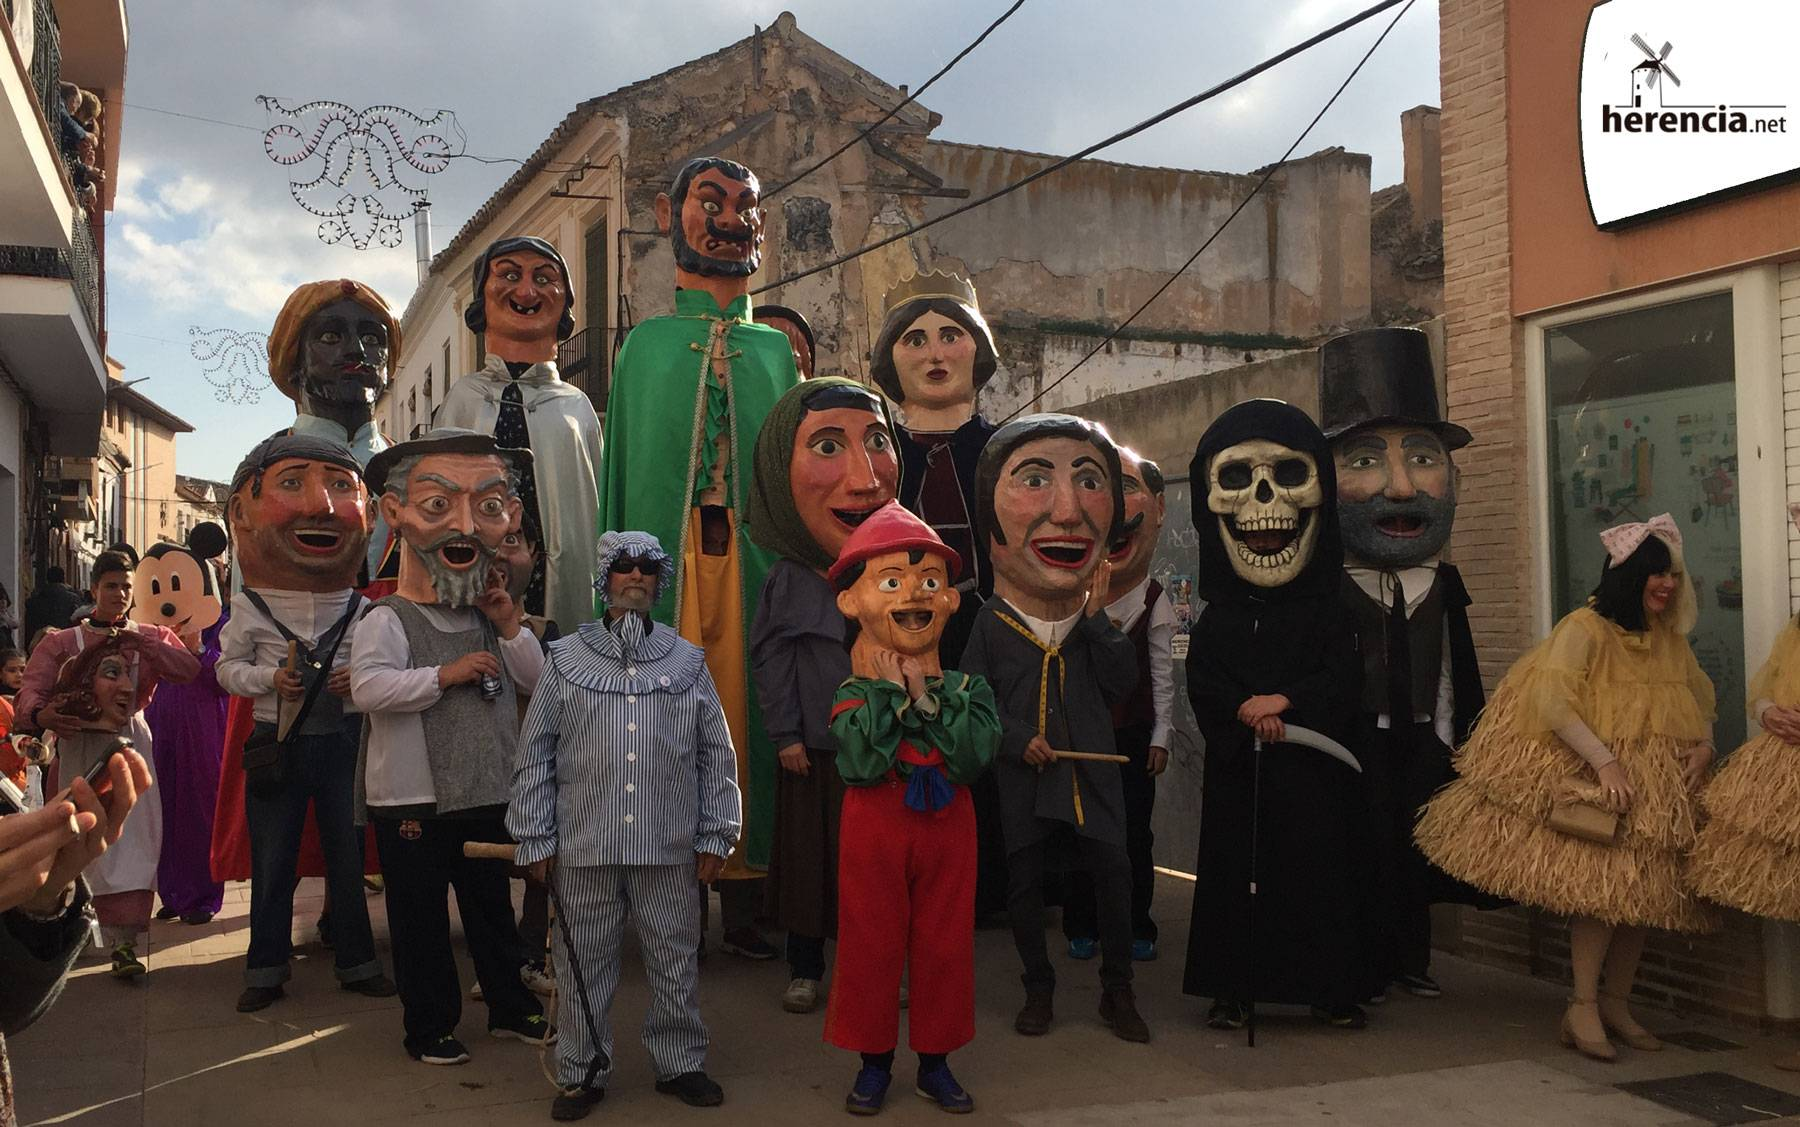 perle gigantes cabezudos carnaval herencia - Informe favorable previo para la declaración de Interés Turístico Nacional del Carnaval de Herencia